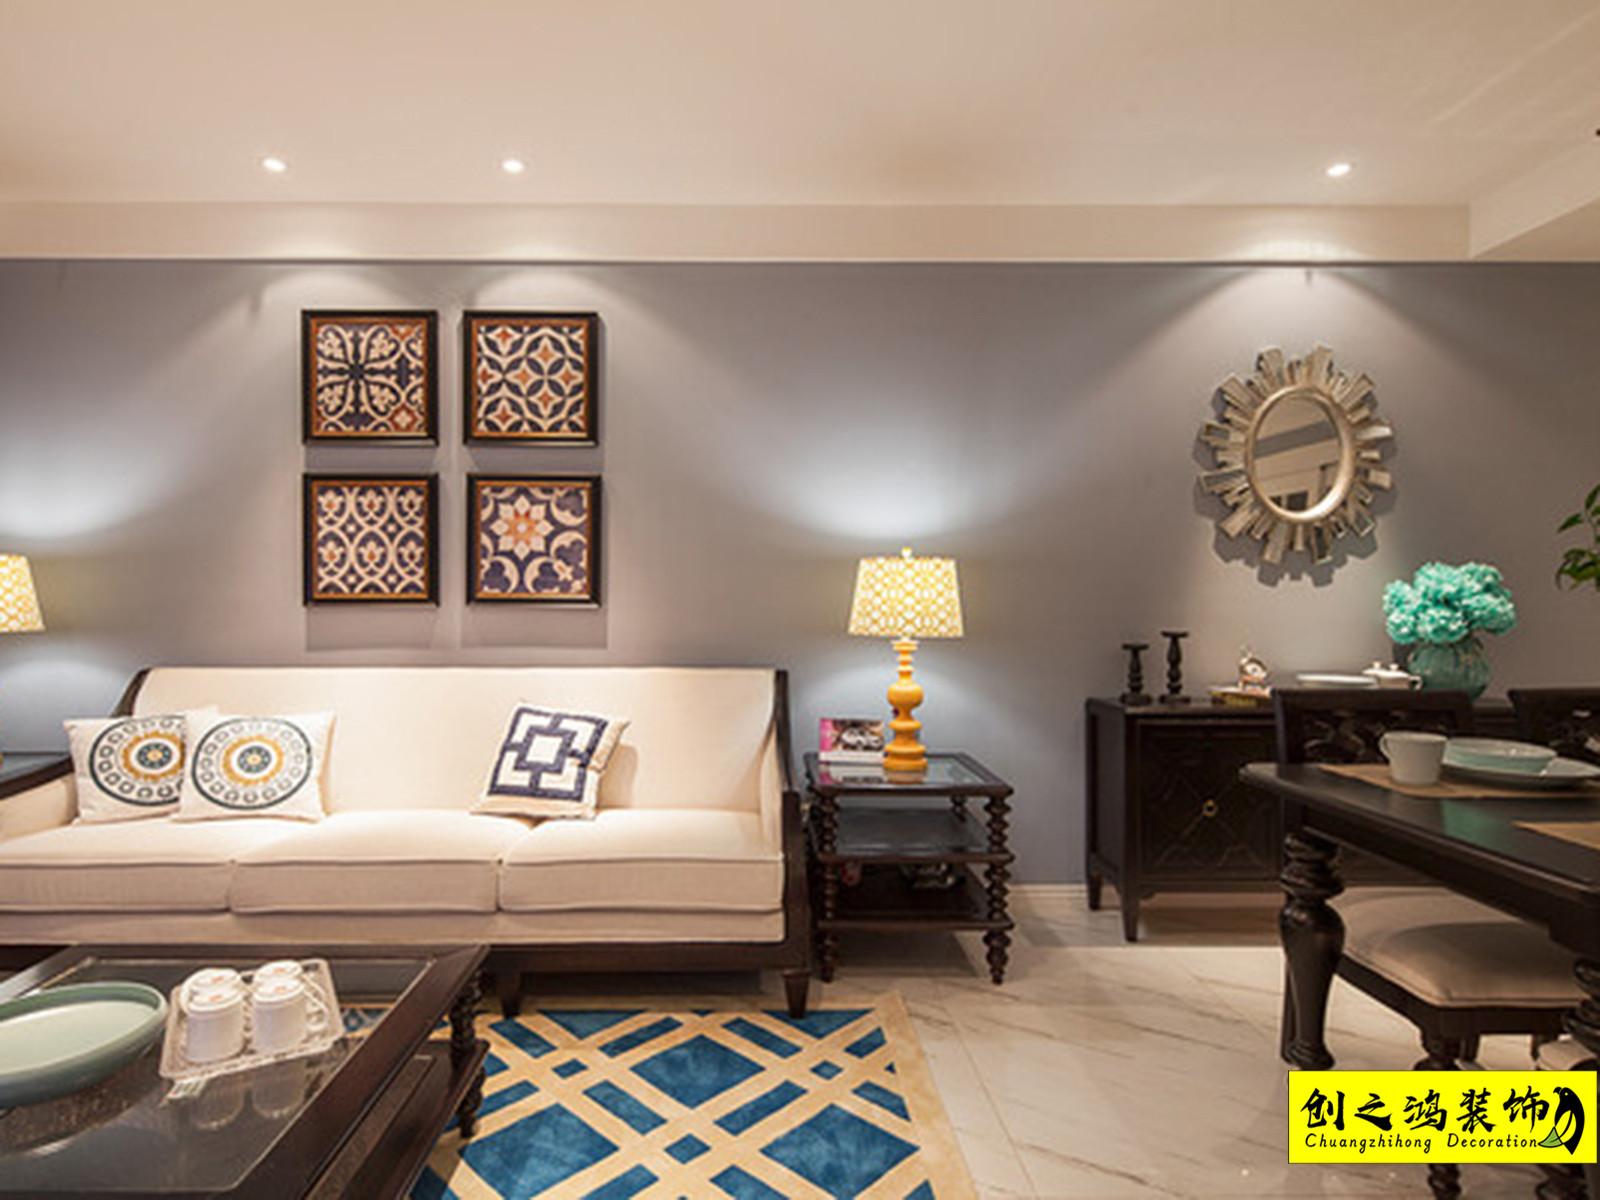 104㎡恒大御景湾三室两厅美式风格装修效果图